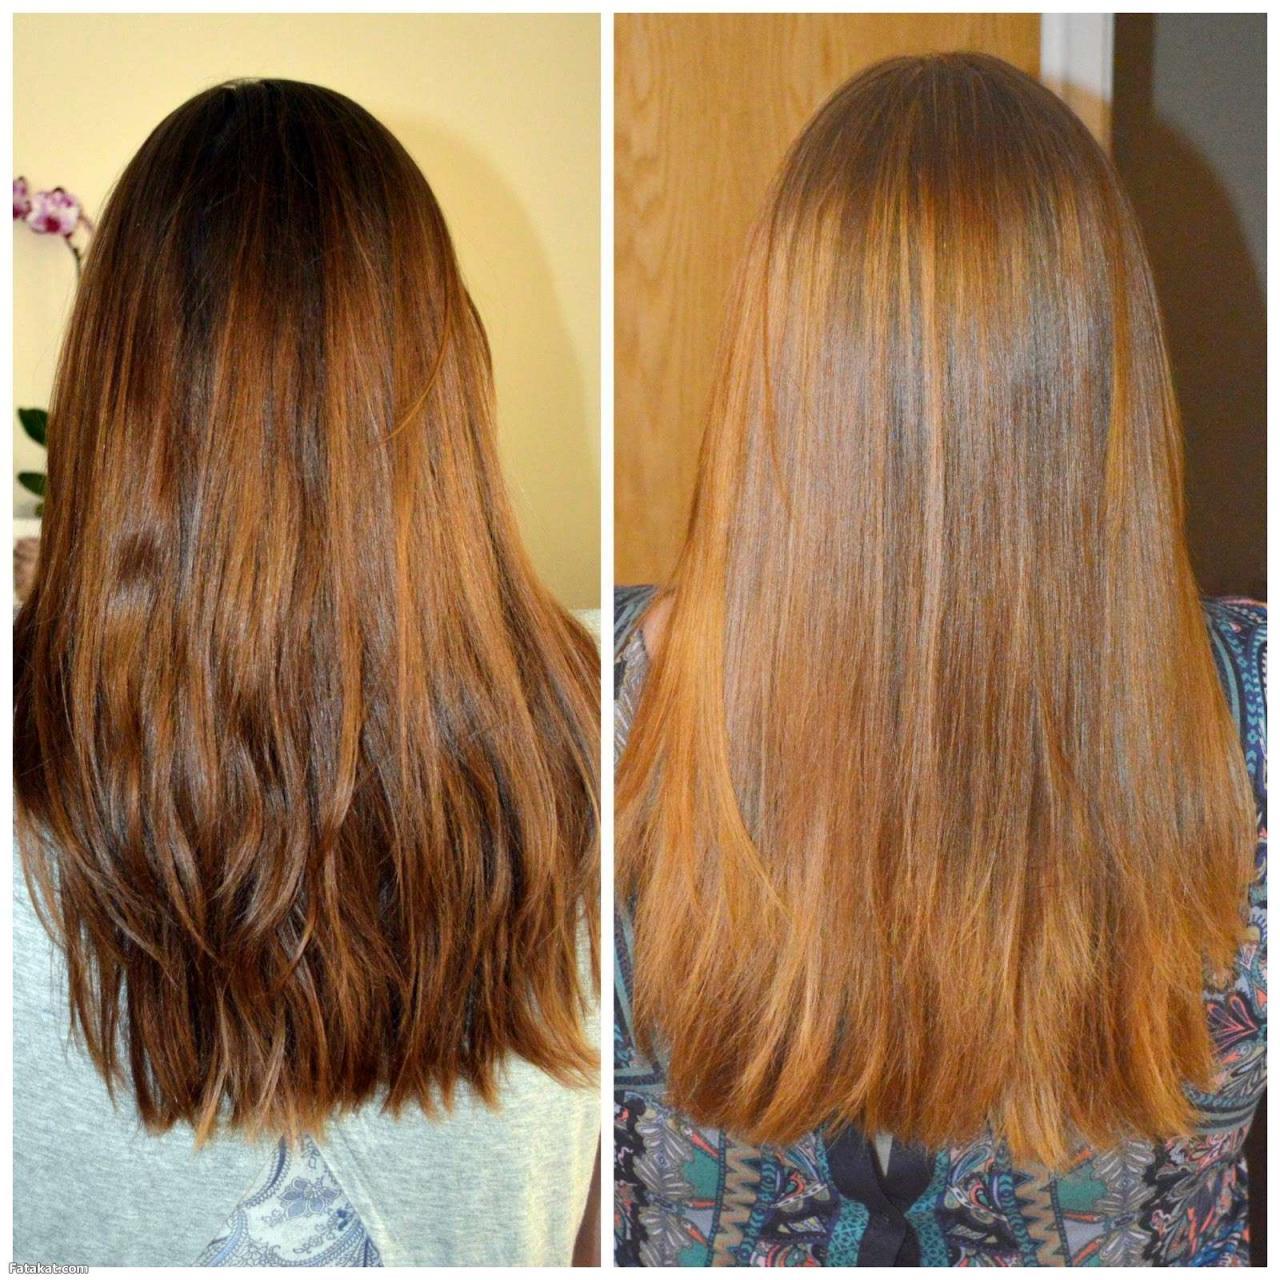 صورة تصحيح لون الشعر البرتقالي , كيف تتخلصين من اللون البرتقالى للشعر